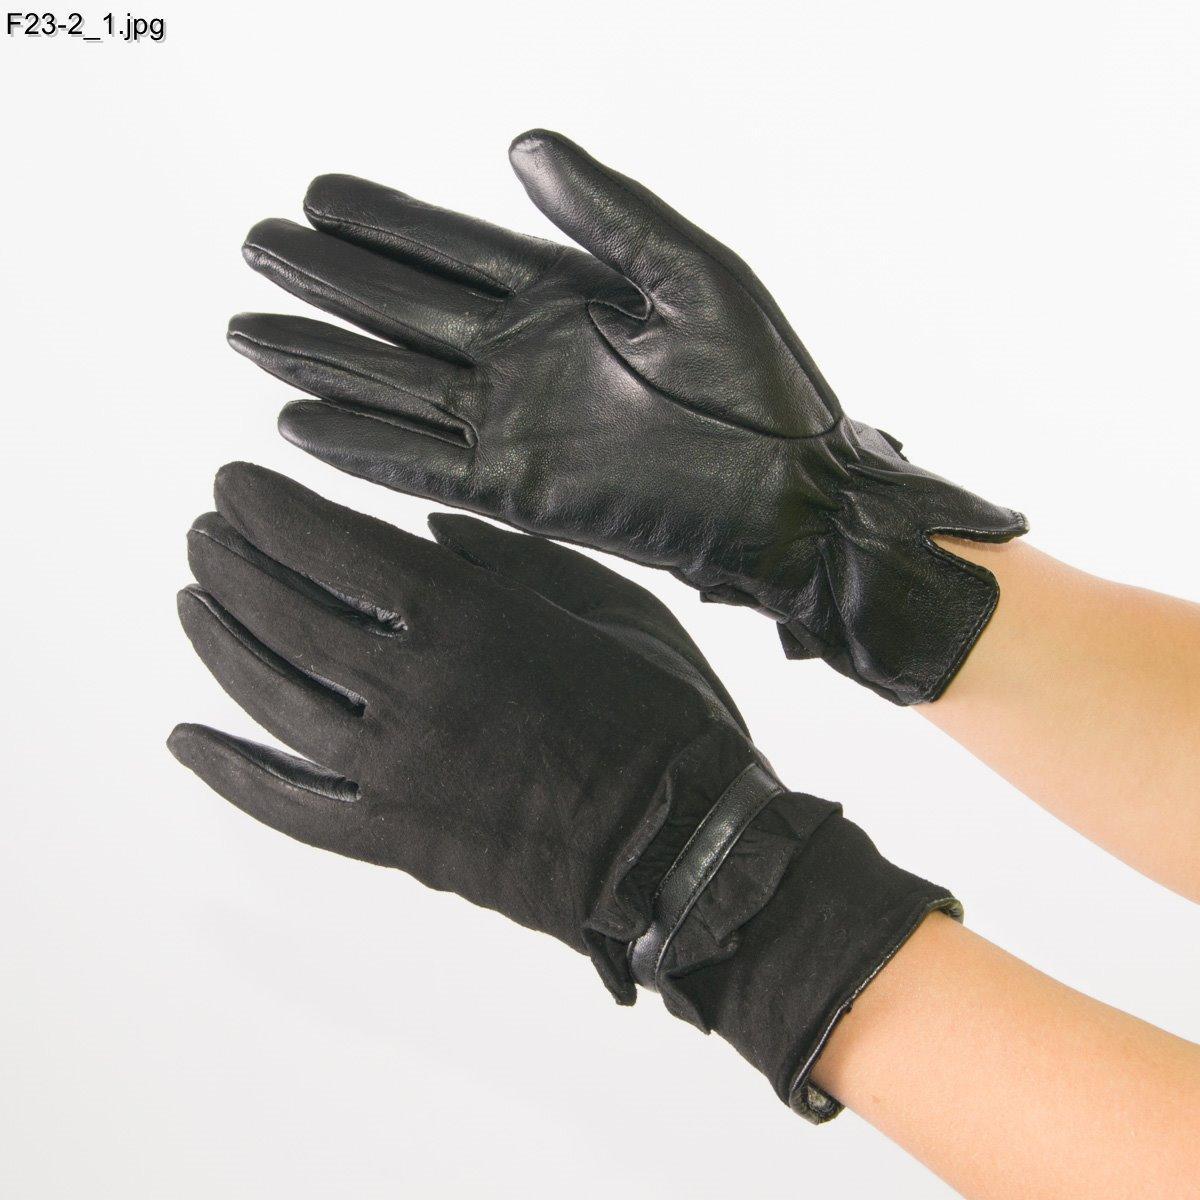 Оптом женские замшевые перчатки с кожаной ладошкой с плюшевой подкладкой - №F23-2